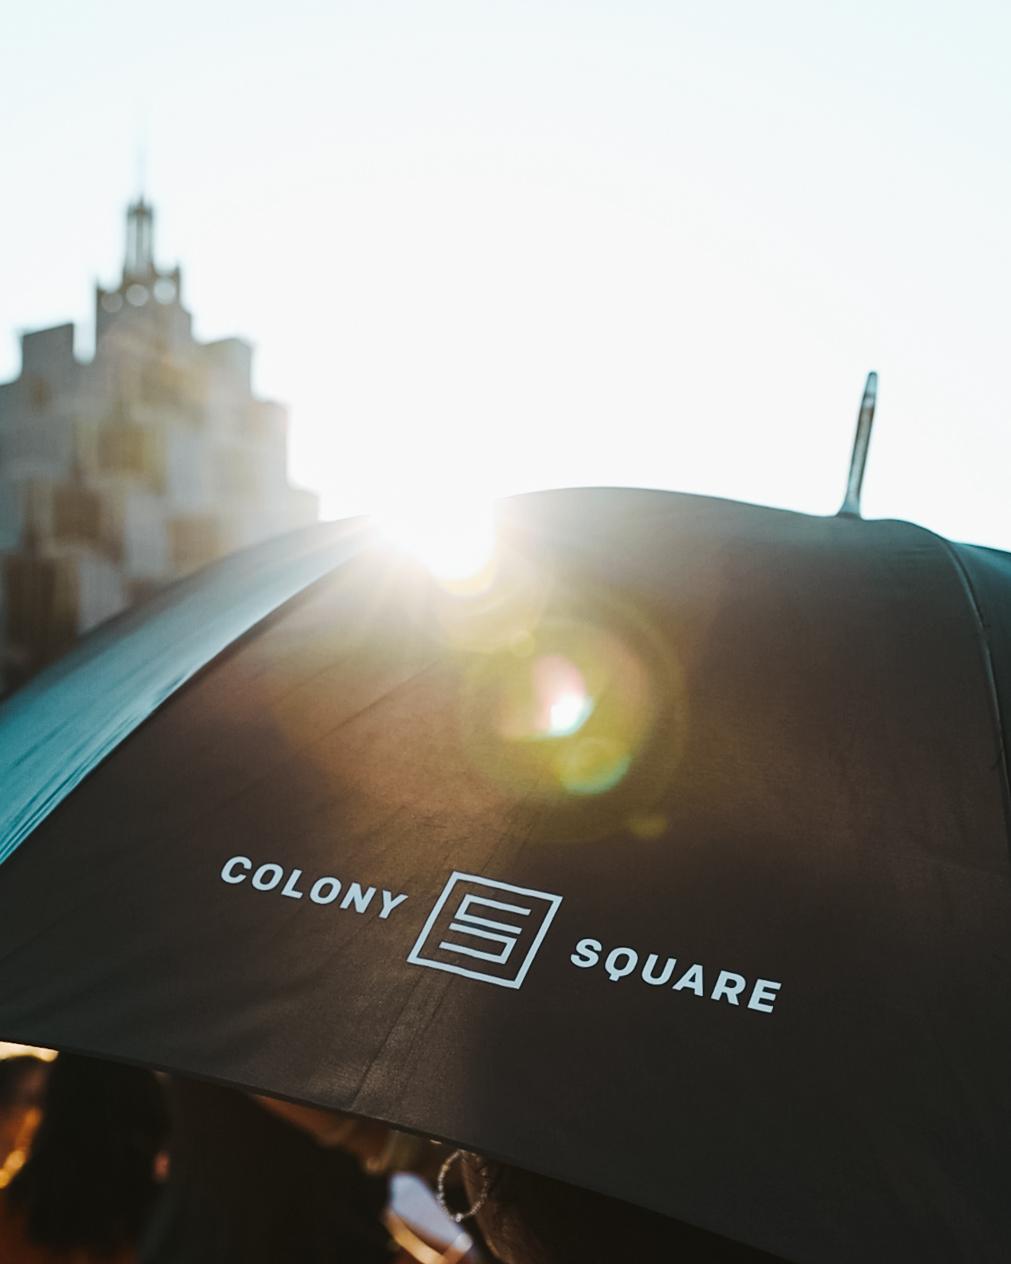 colony square umbrella.jpg